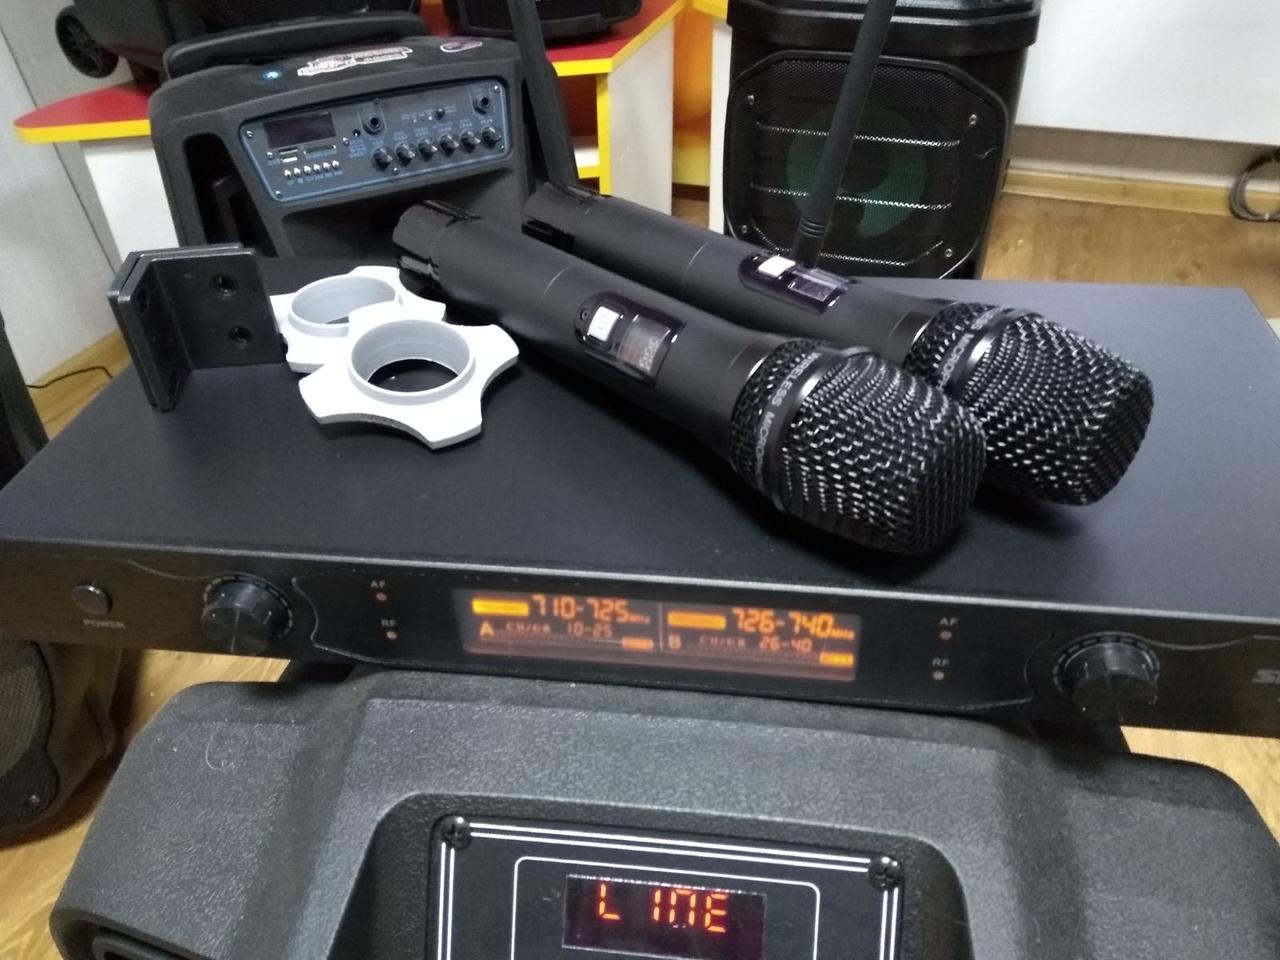 Микрофонная радиосистема многоканальная 2 радиомикрофона AK2020